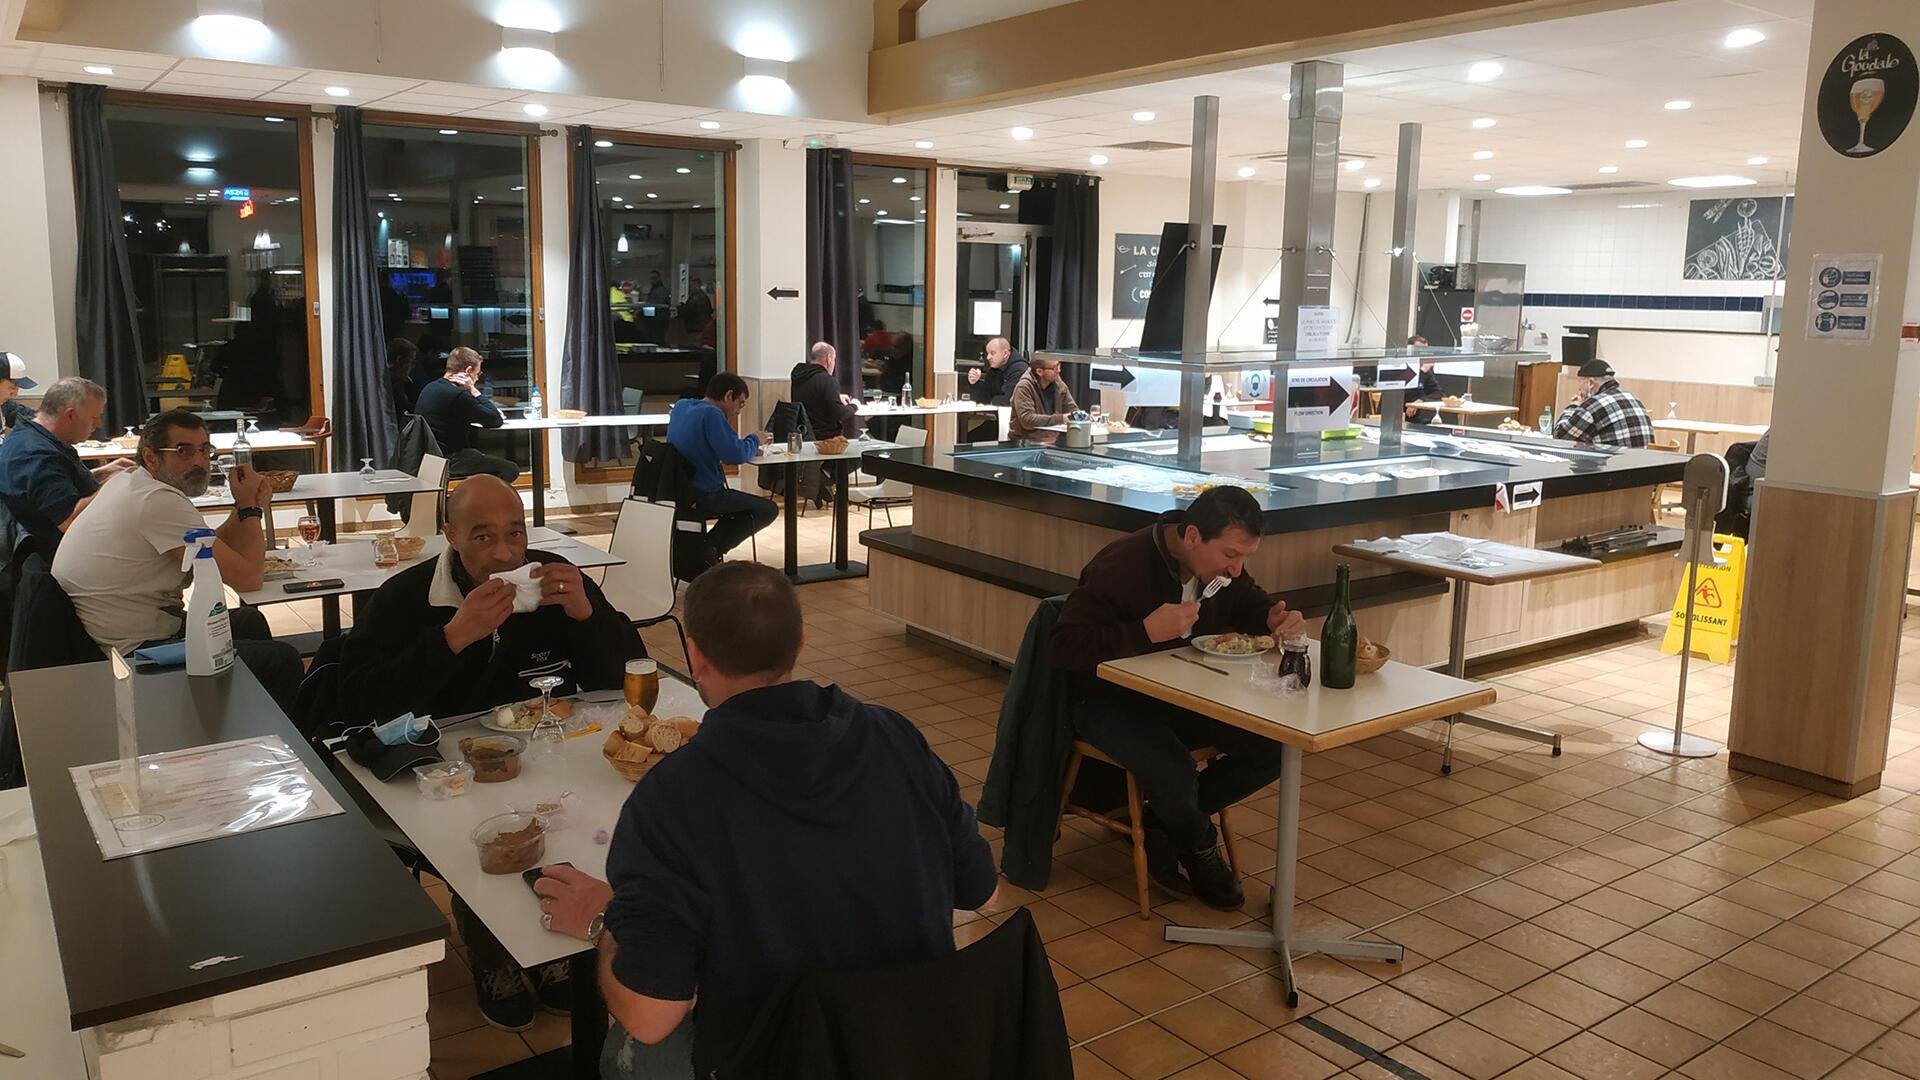 chauffeurs routiers - restaurant - France - Alexis Bedu